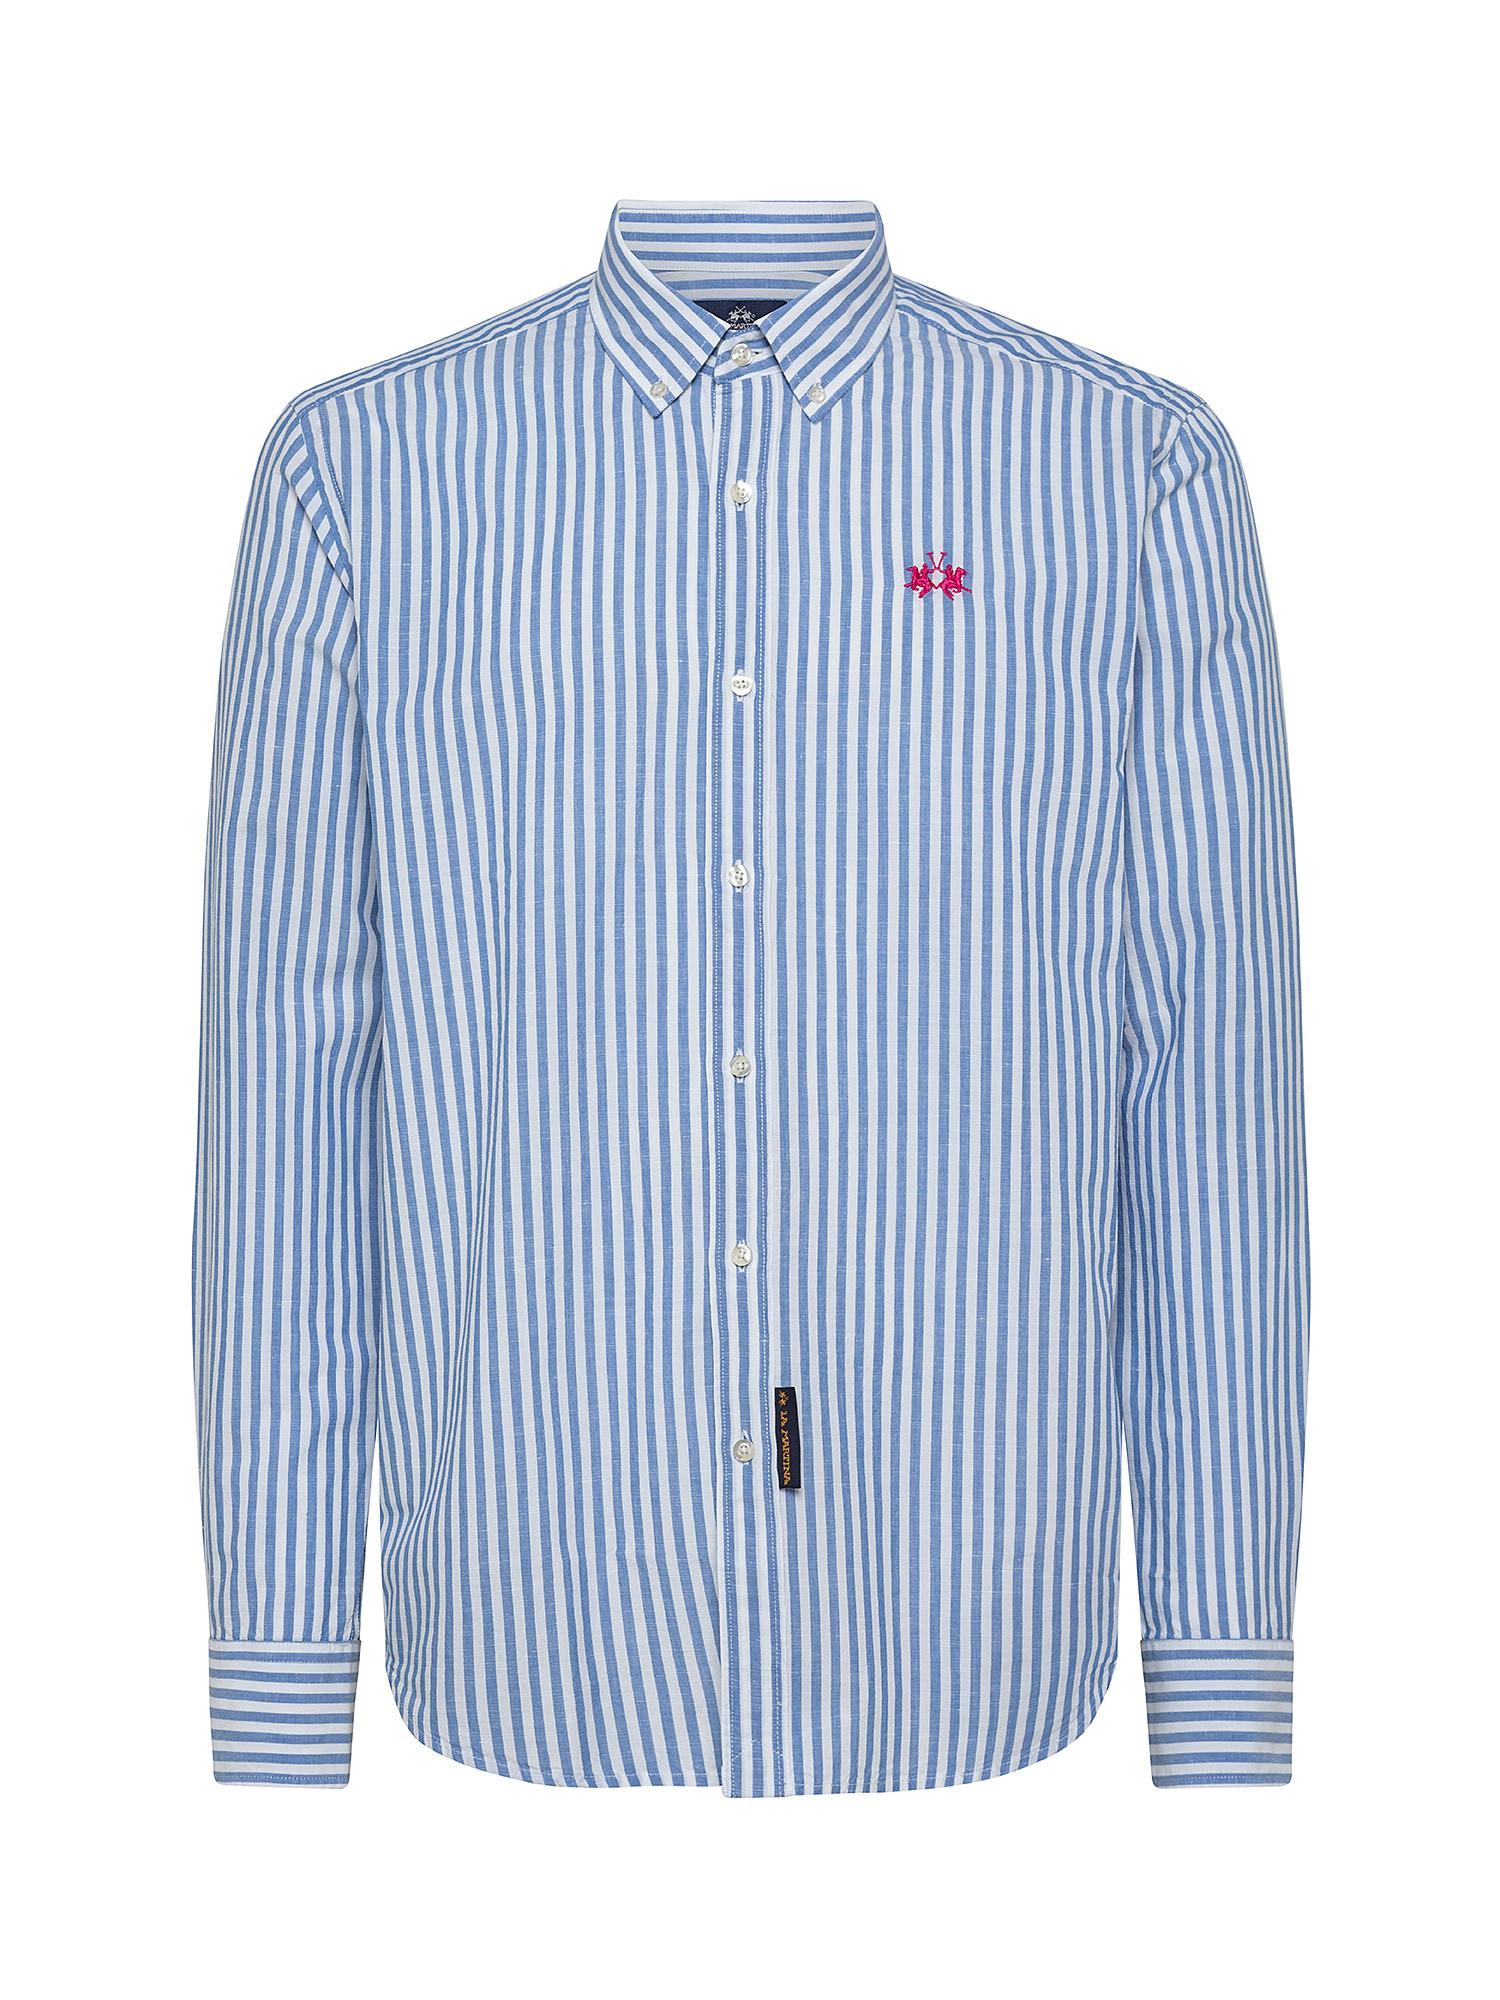 Camicia da uomo in misto lino e cotone regular fit, Bianco, large image number 0